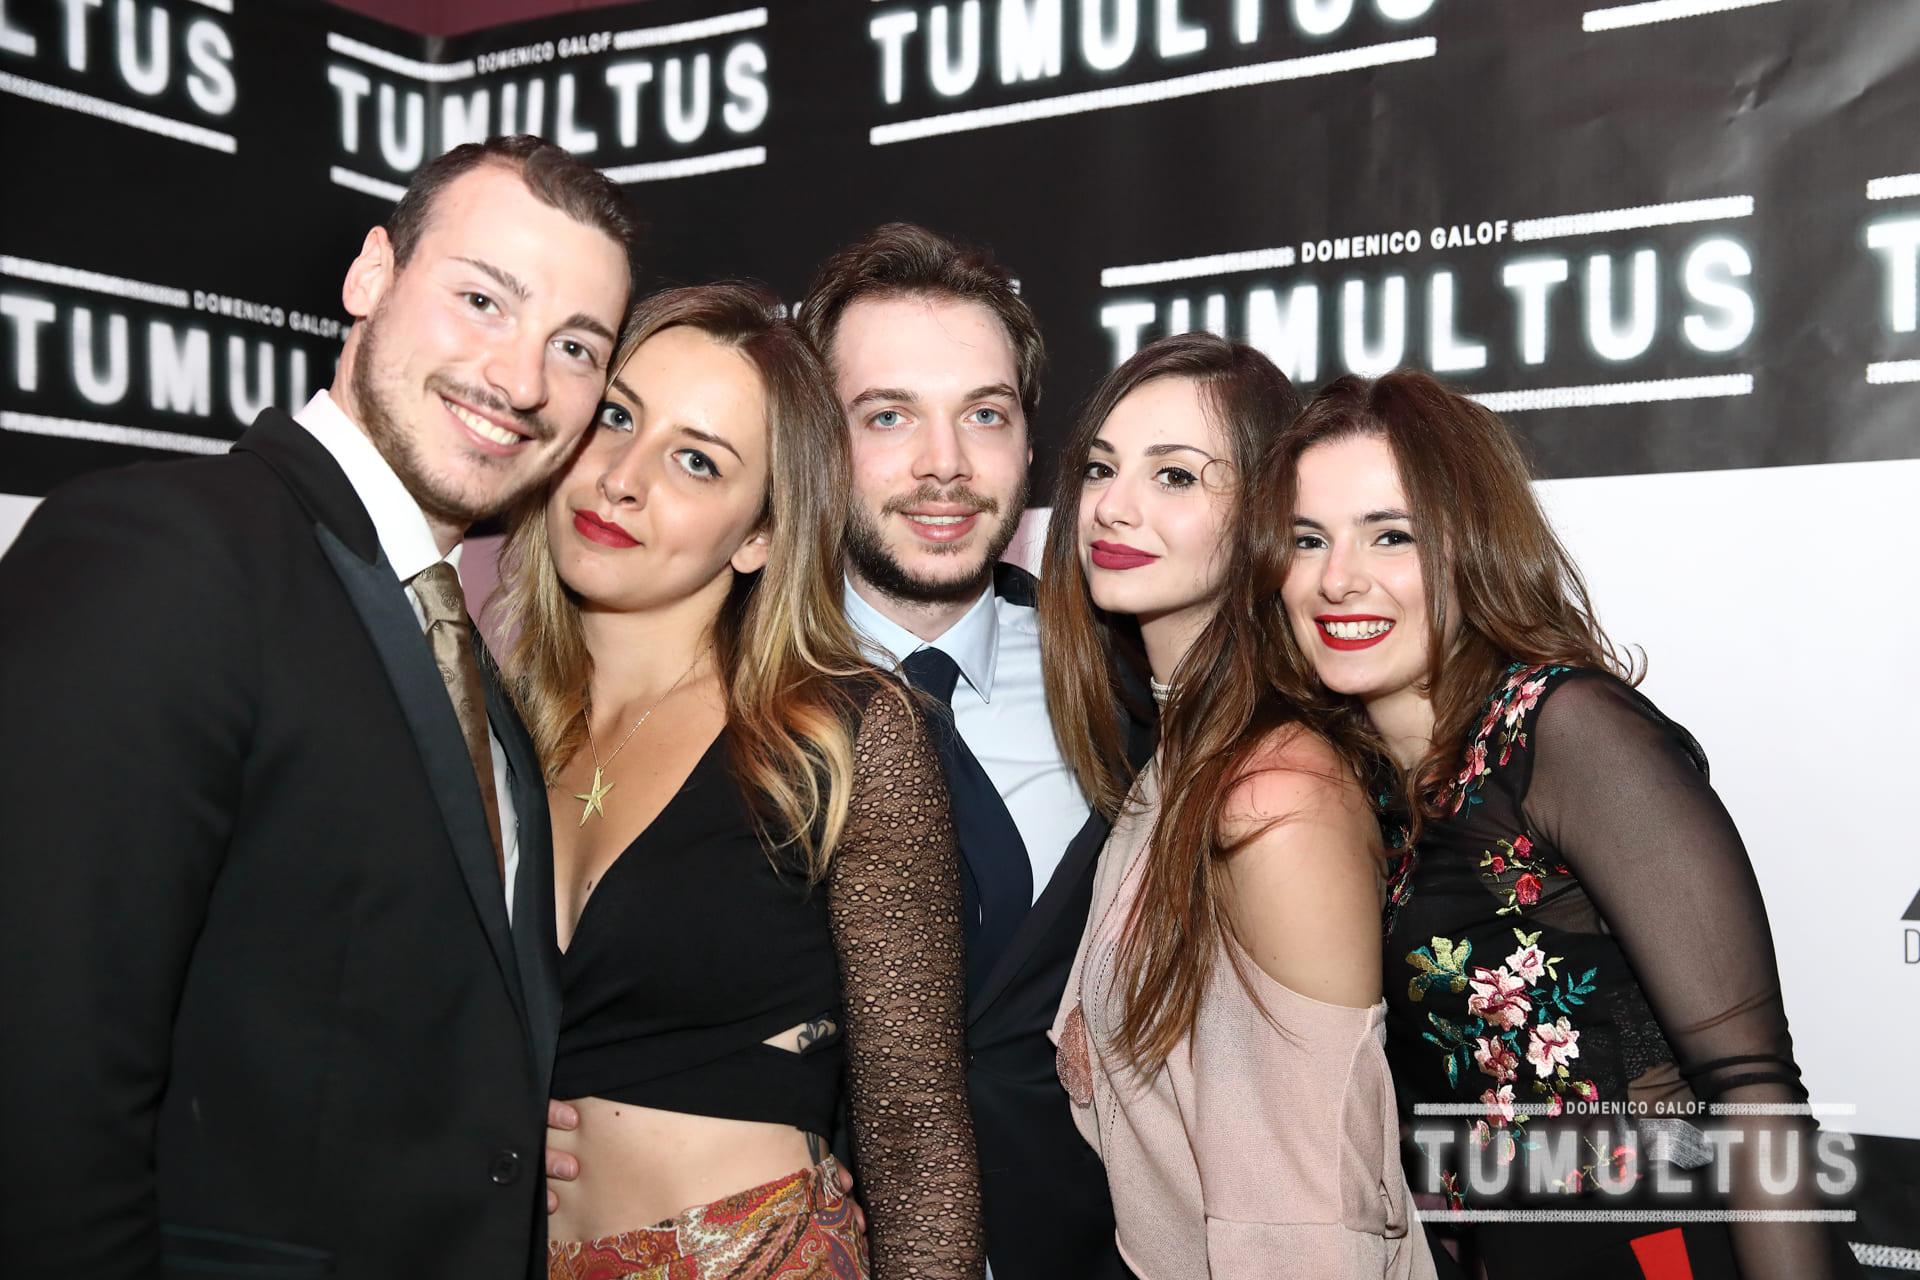 L'Origine di Tumultus (148)